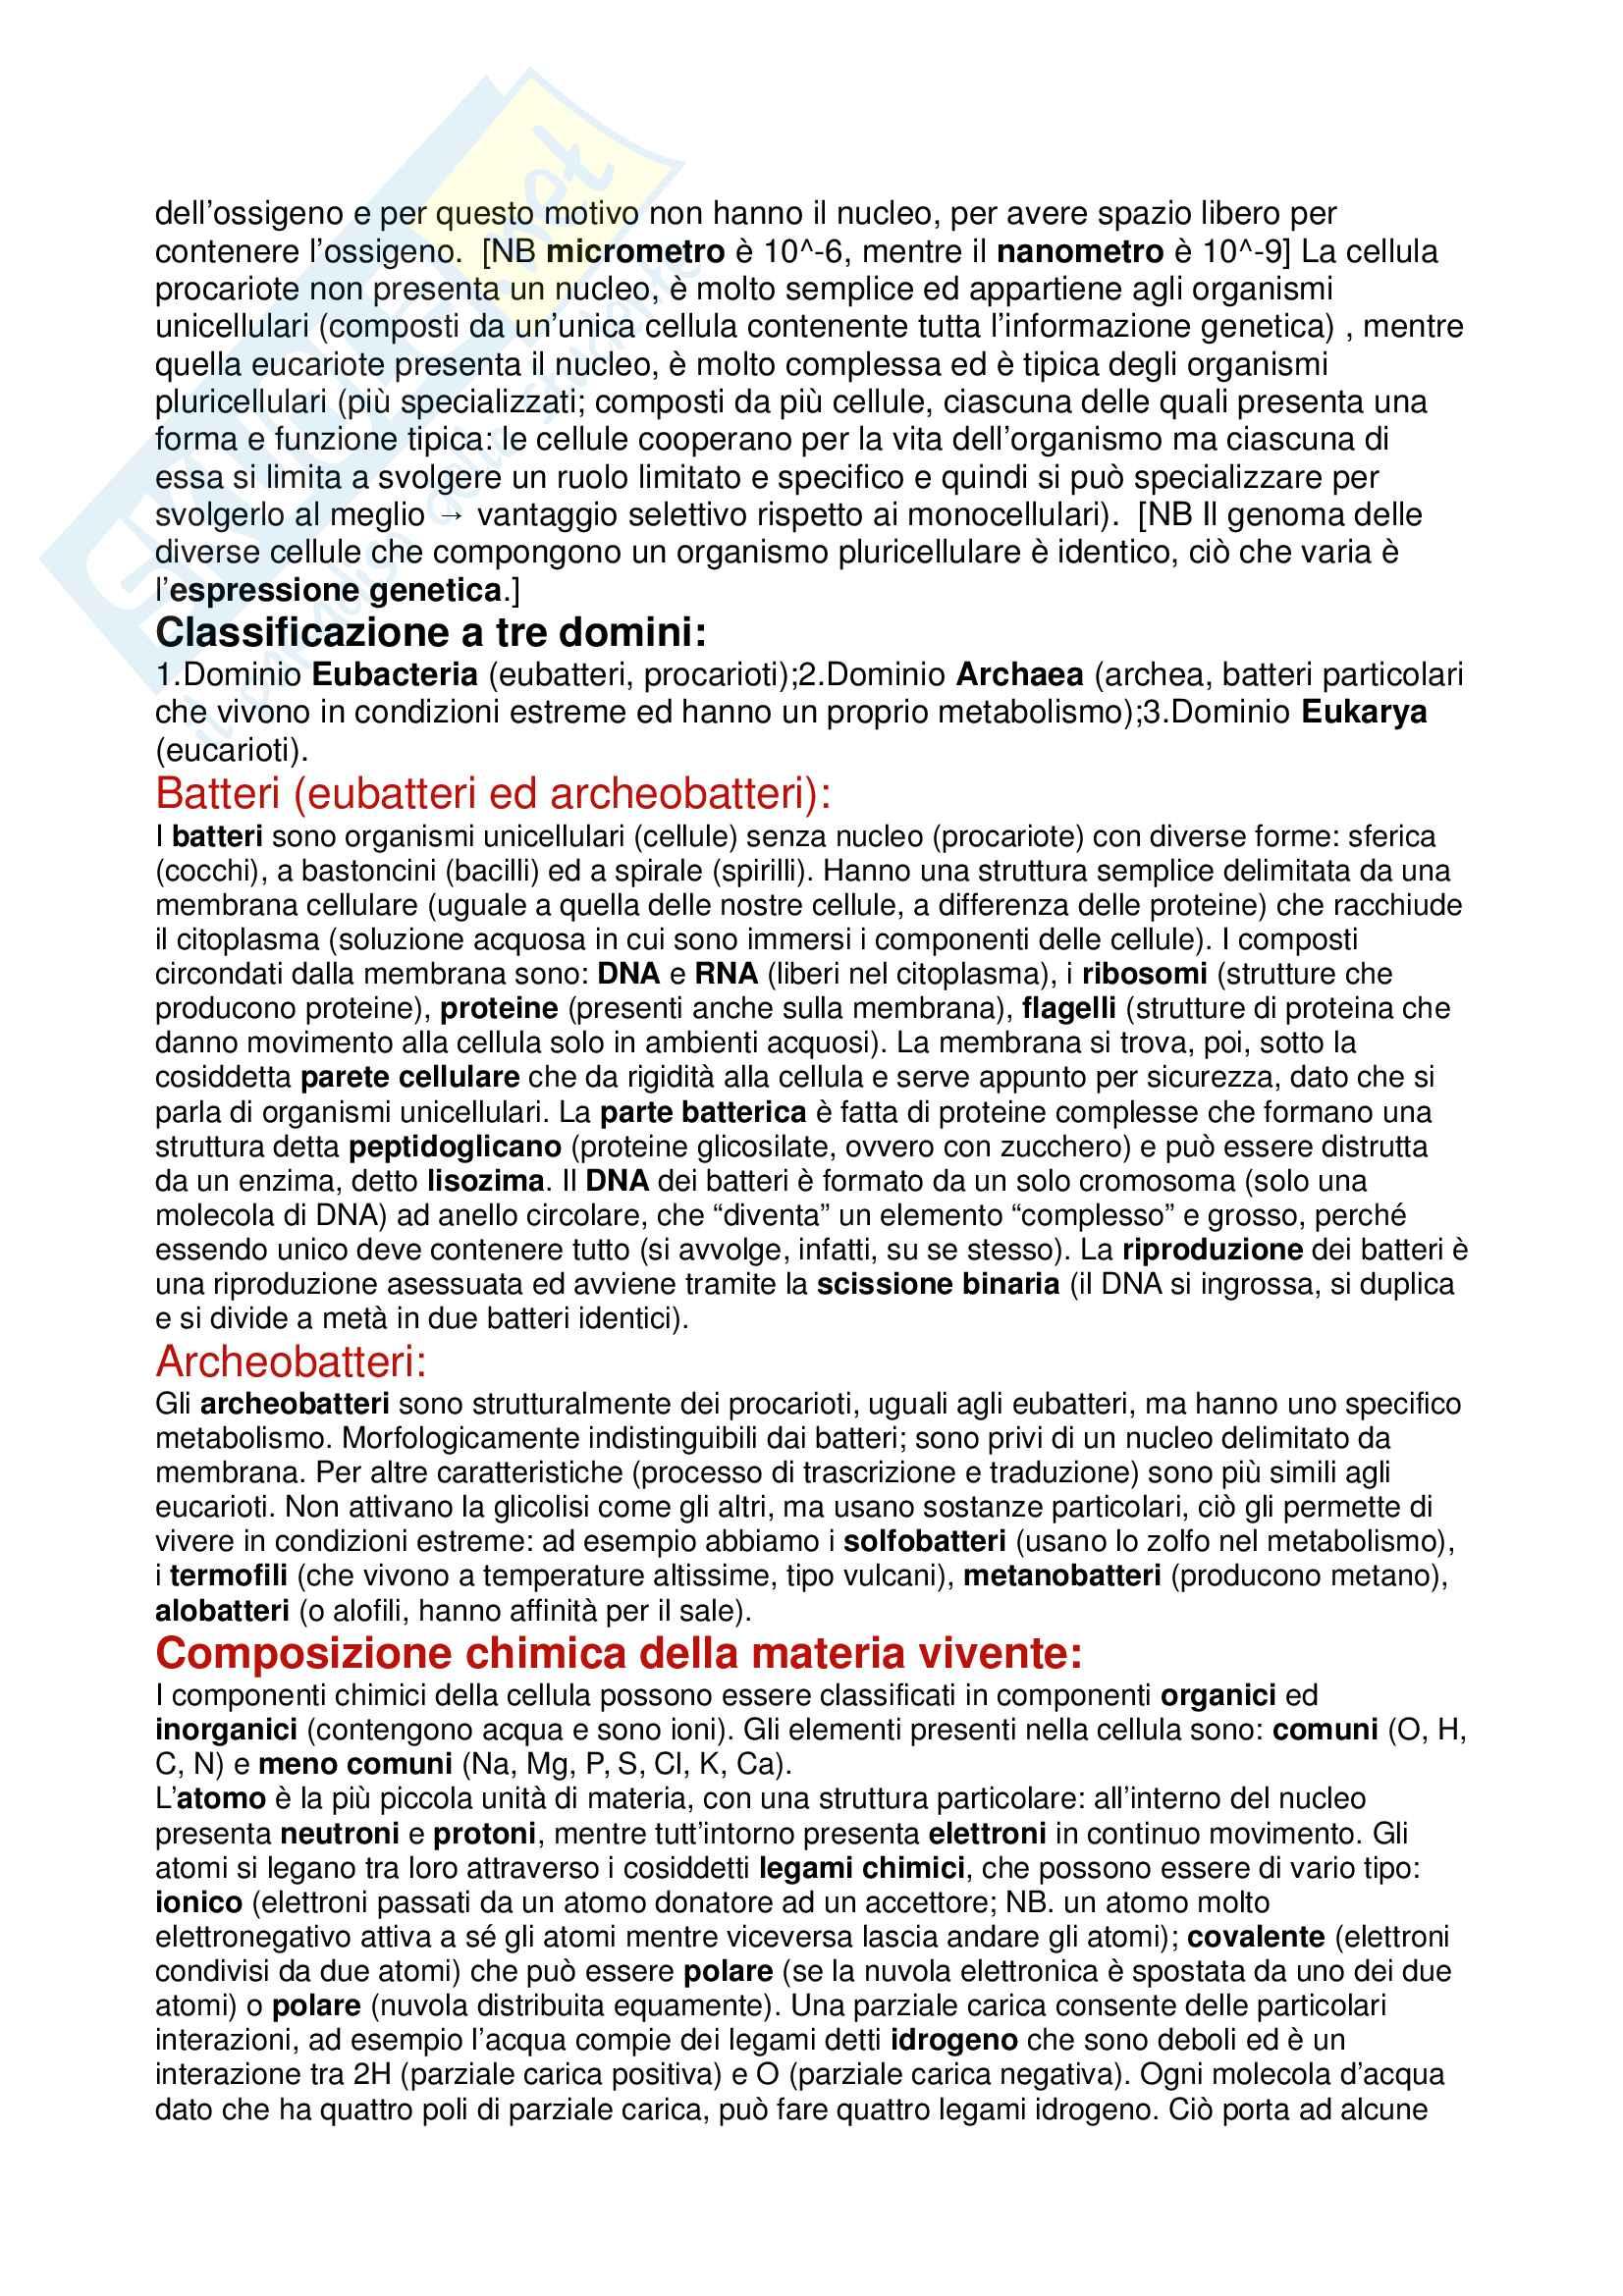 Appunti lezioni corso di biologia e genetica (con annesso genetica del comportamento) Pag. 2